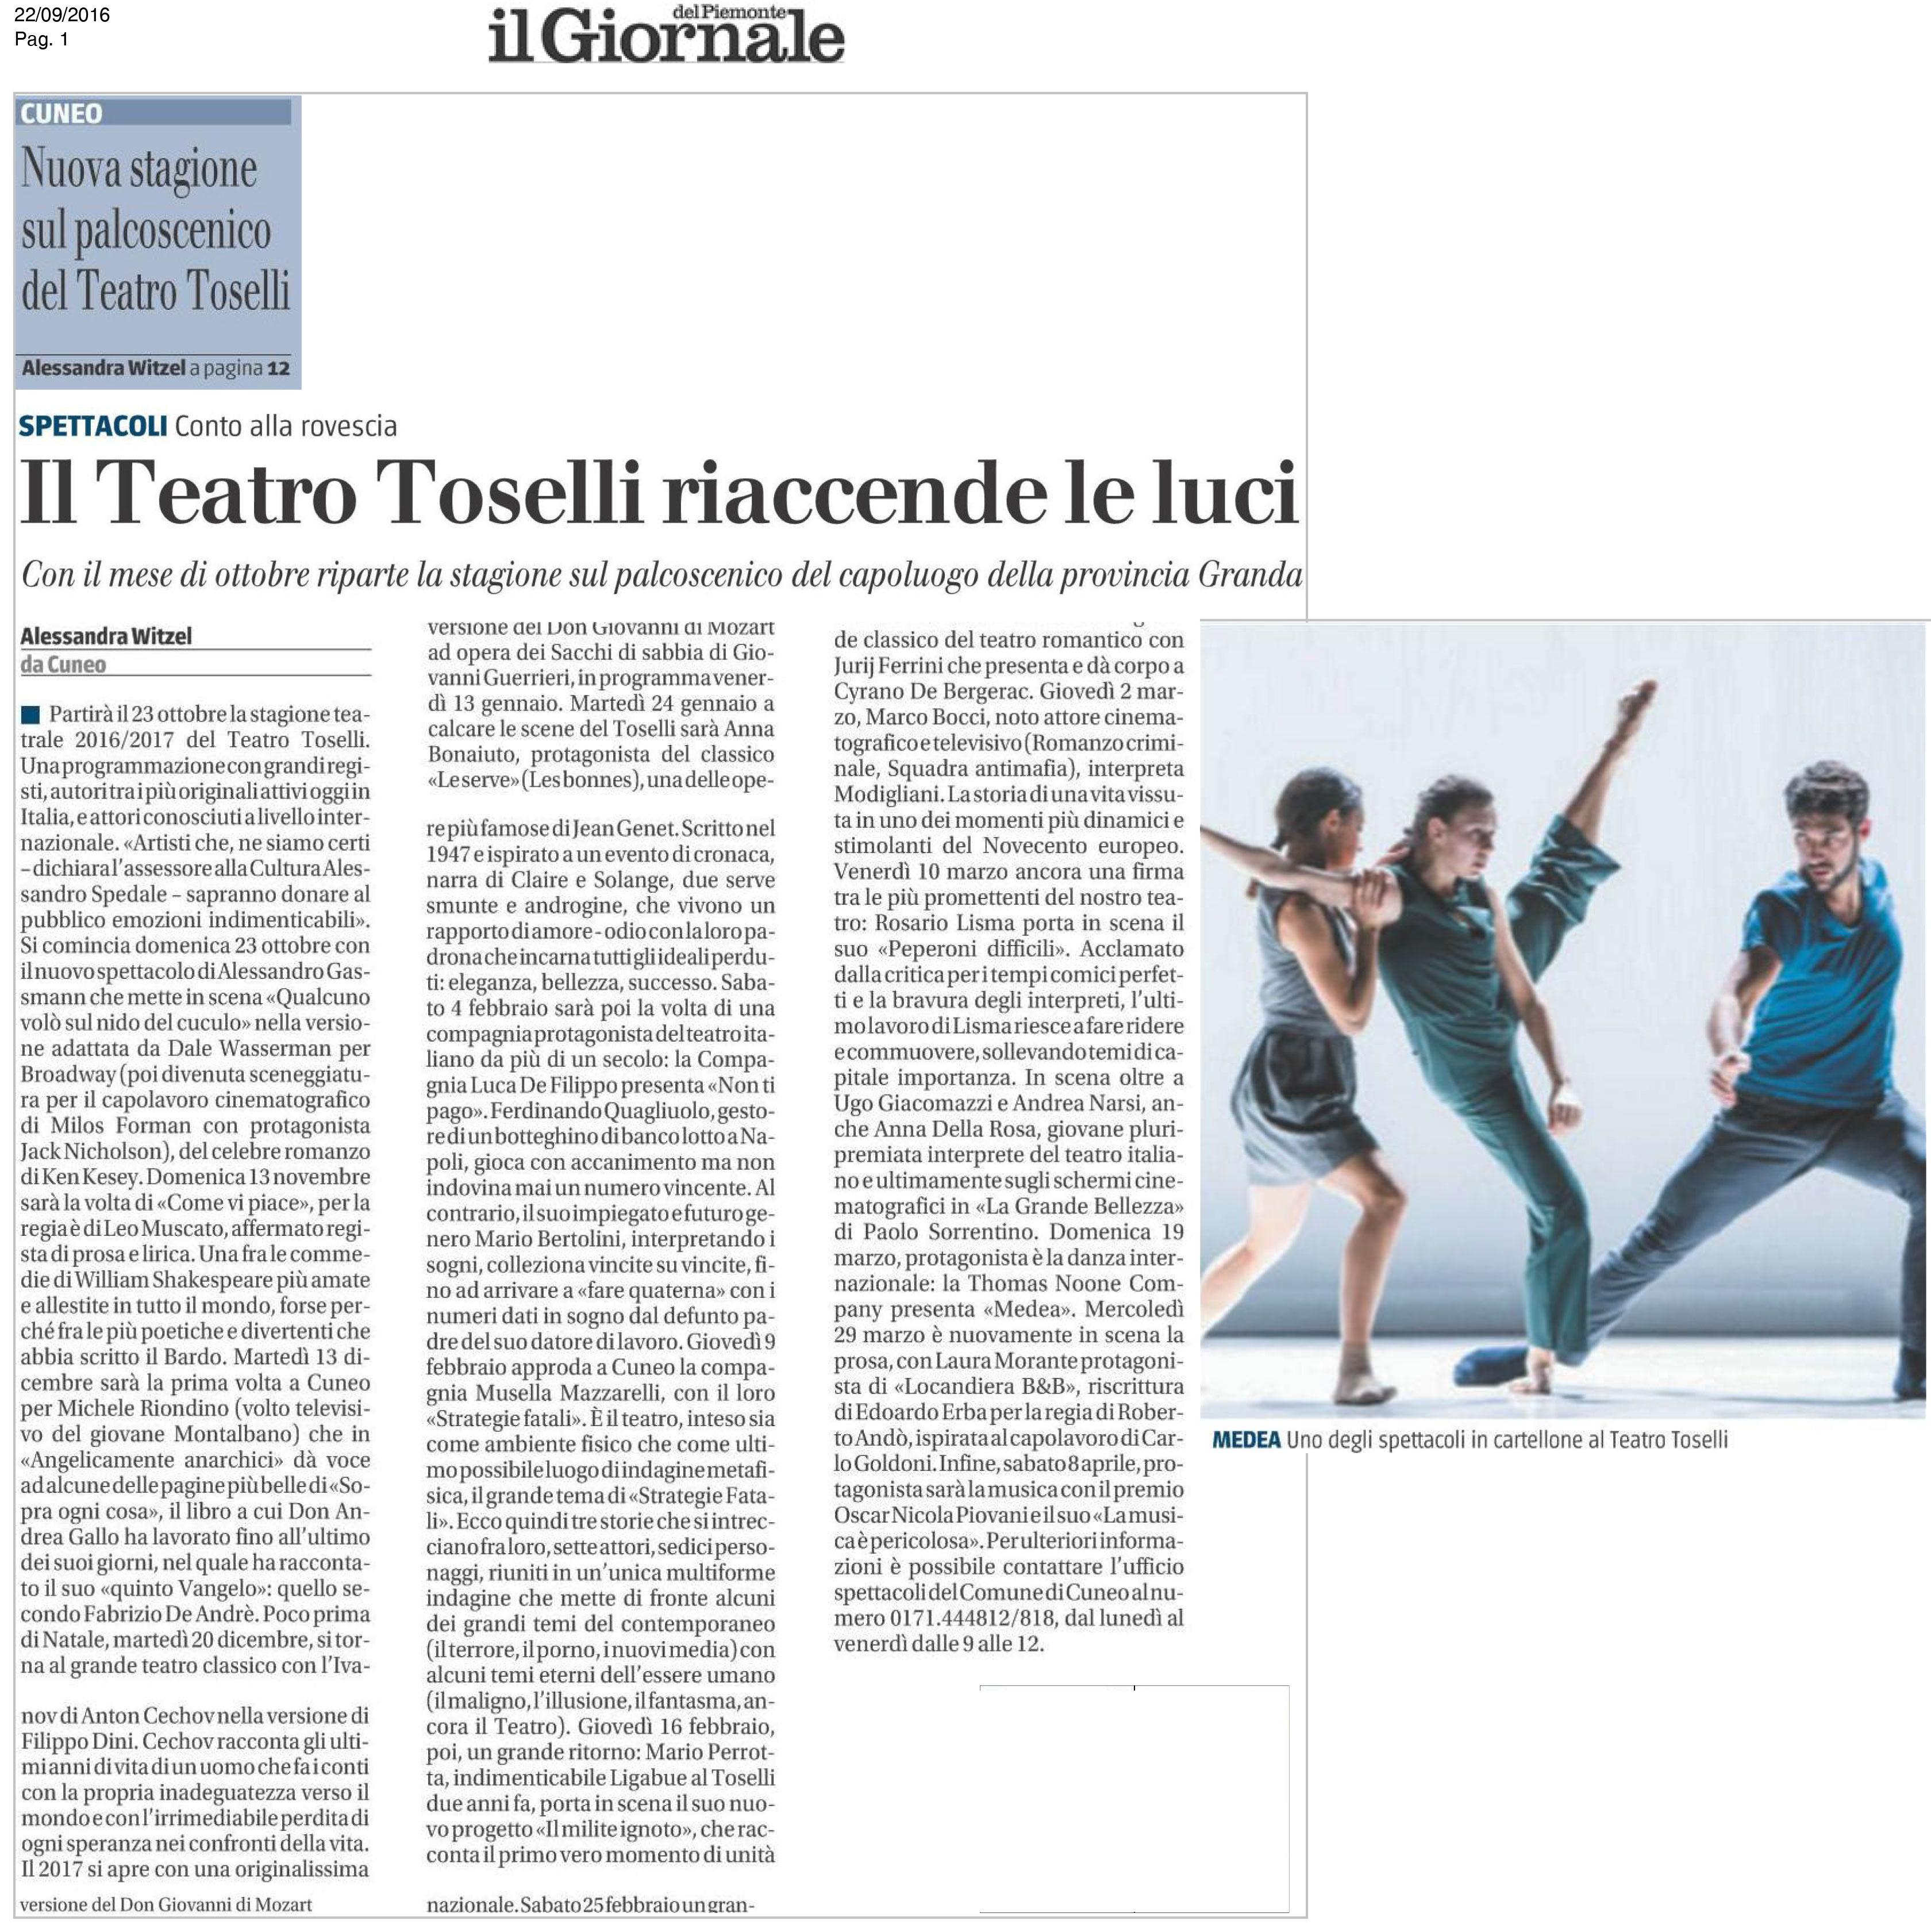 20160922_il-teatro-toselli-riaccende-le-luci_il-giornale-1